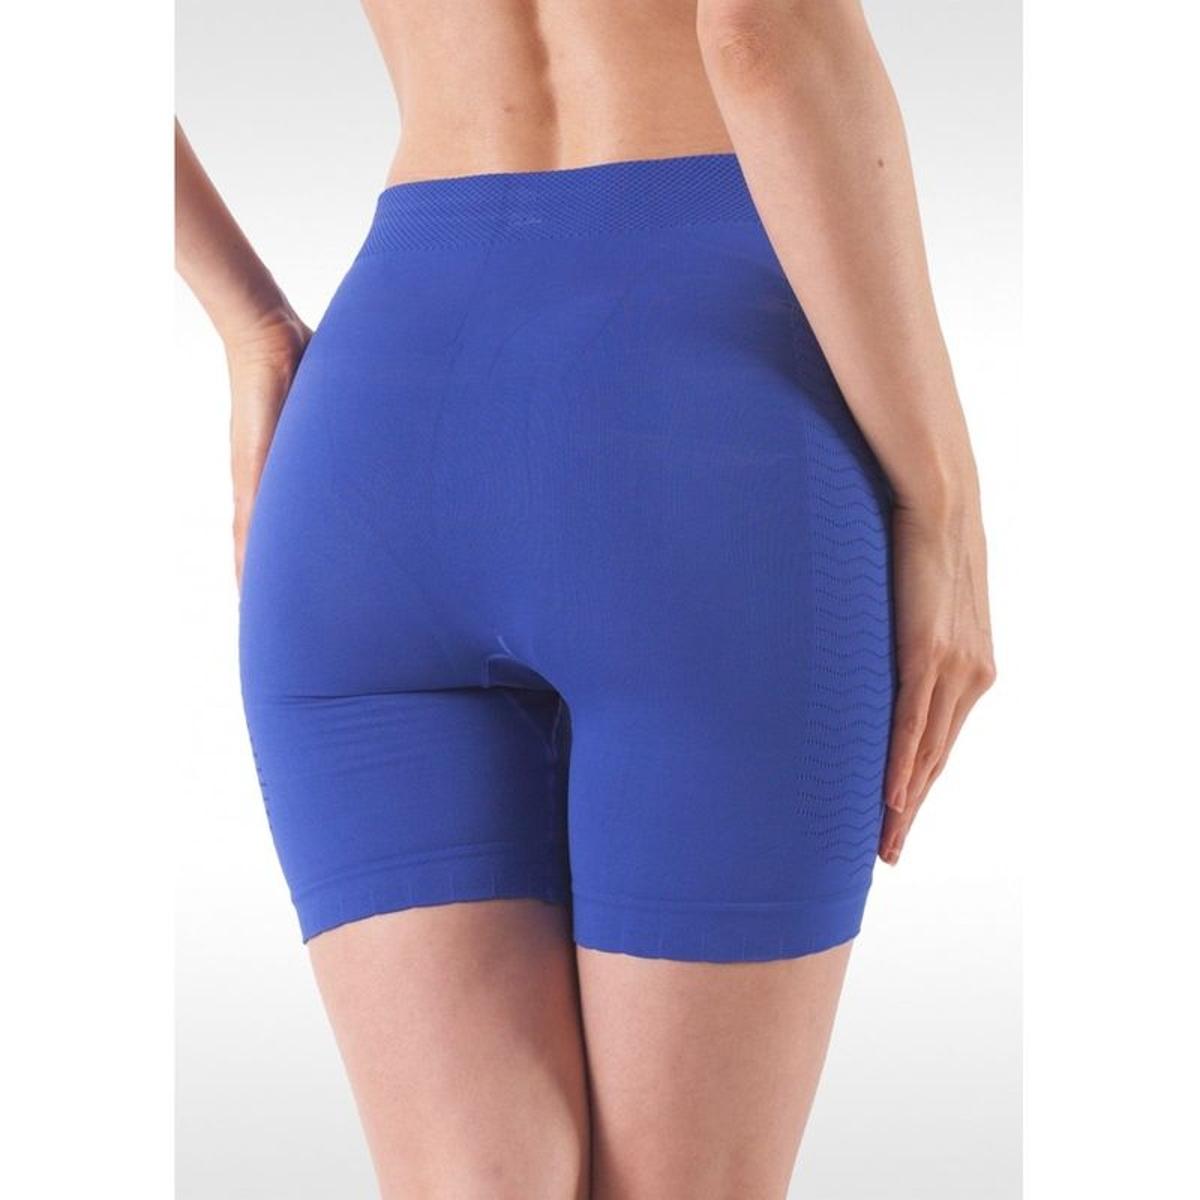 Panty Minceur de Nuit Bleu